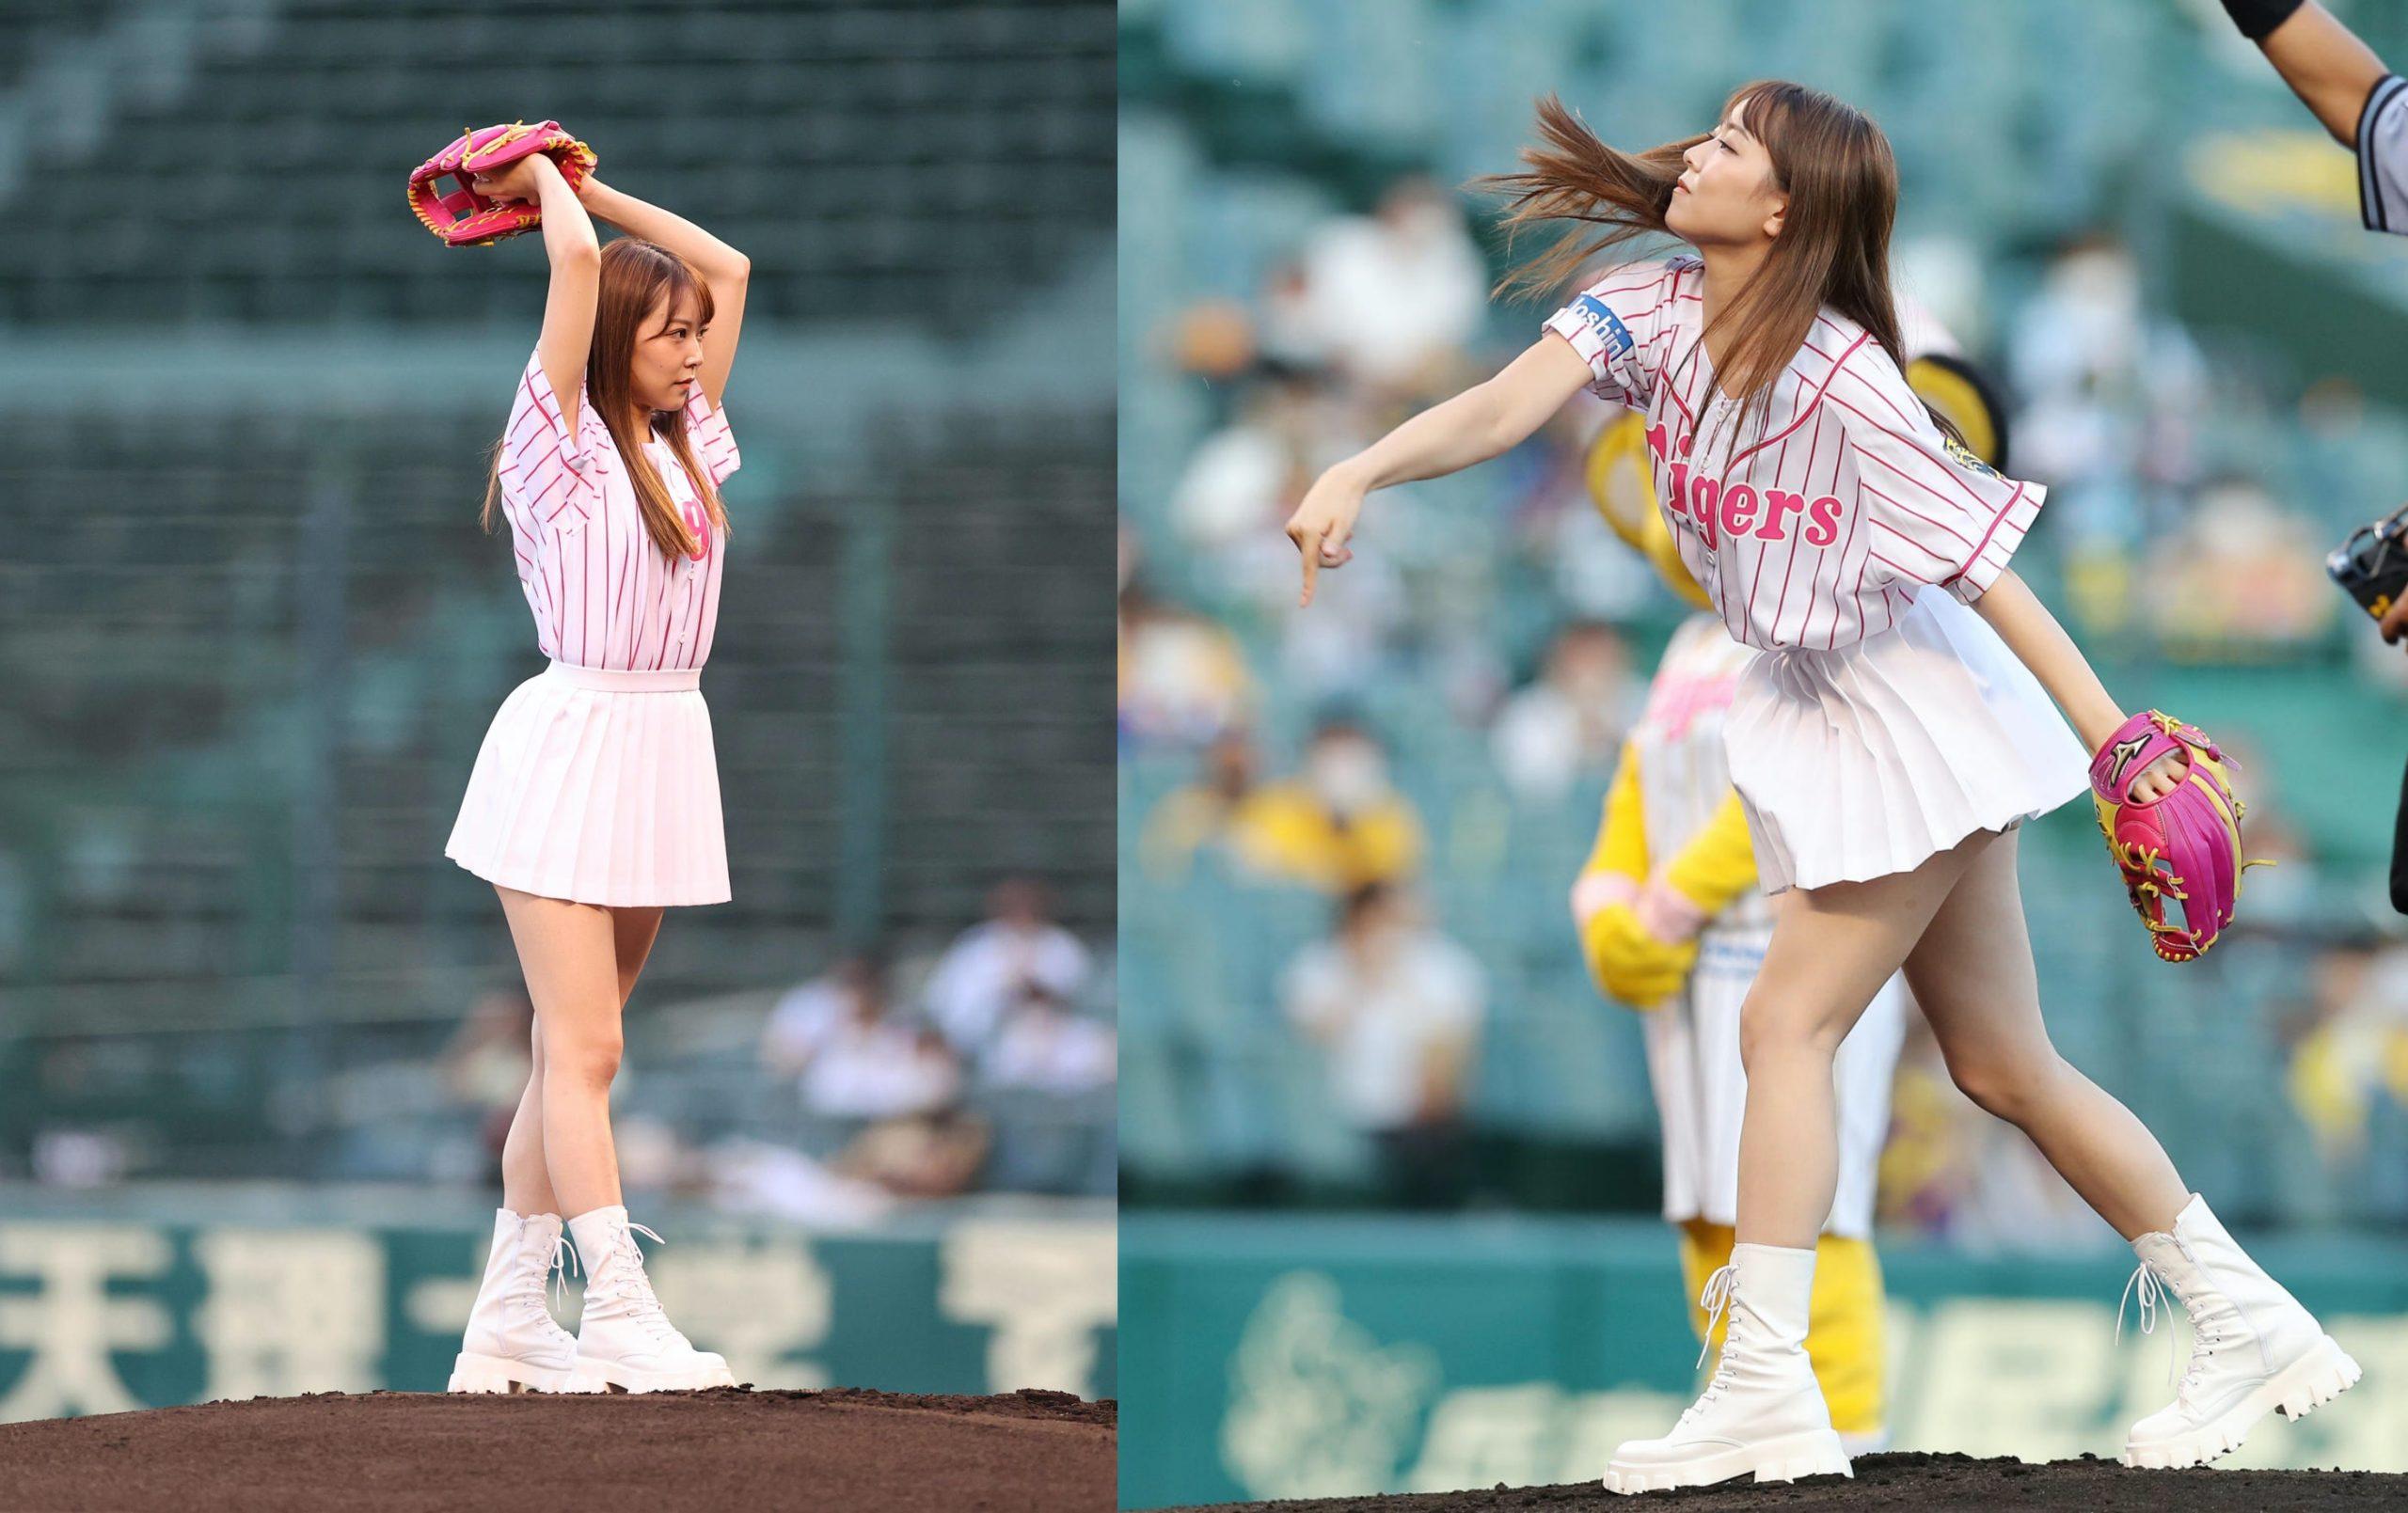 【白間美瑠】みるるんが参加した8/26阪神vs中日の始球式の画像と動画など